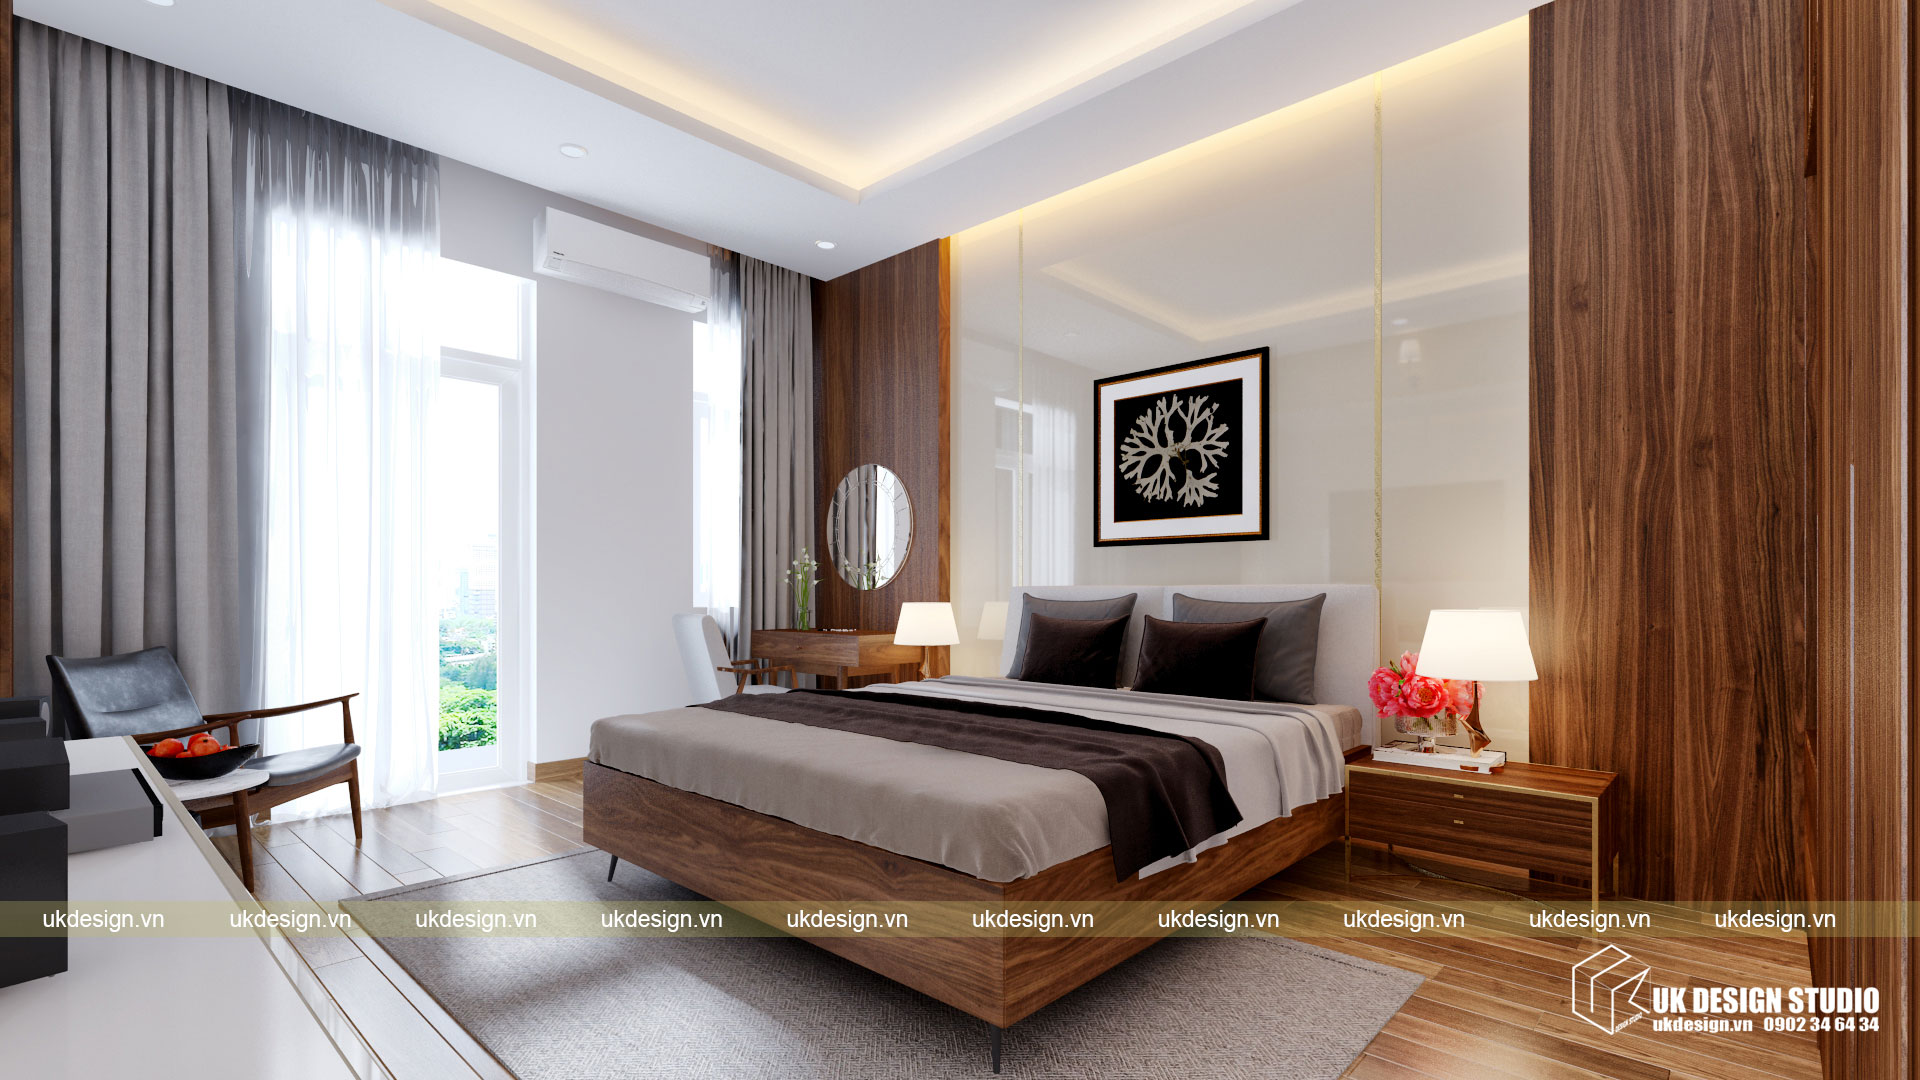 Thiết kế nội thất nhà phố 4m 9